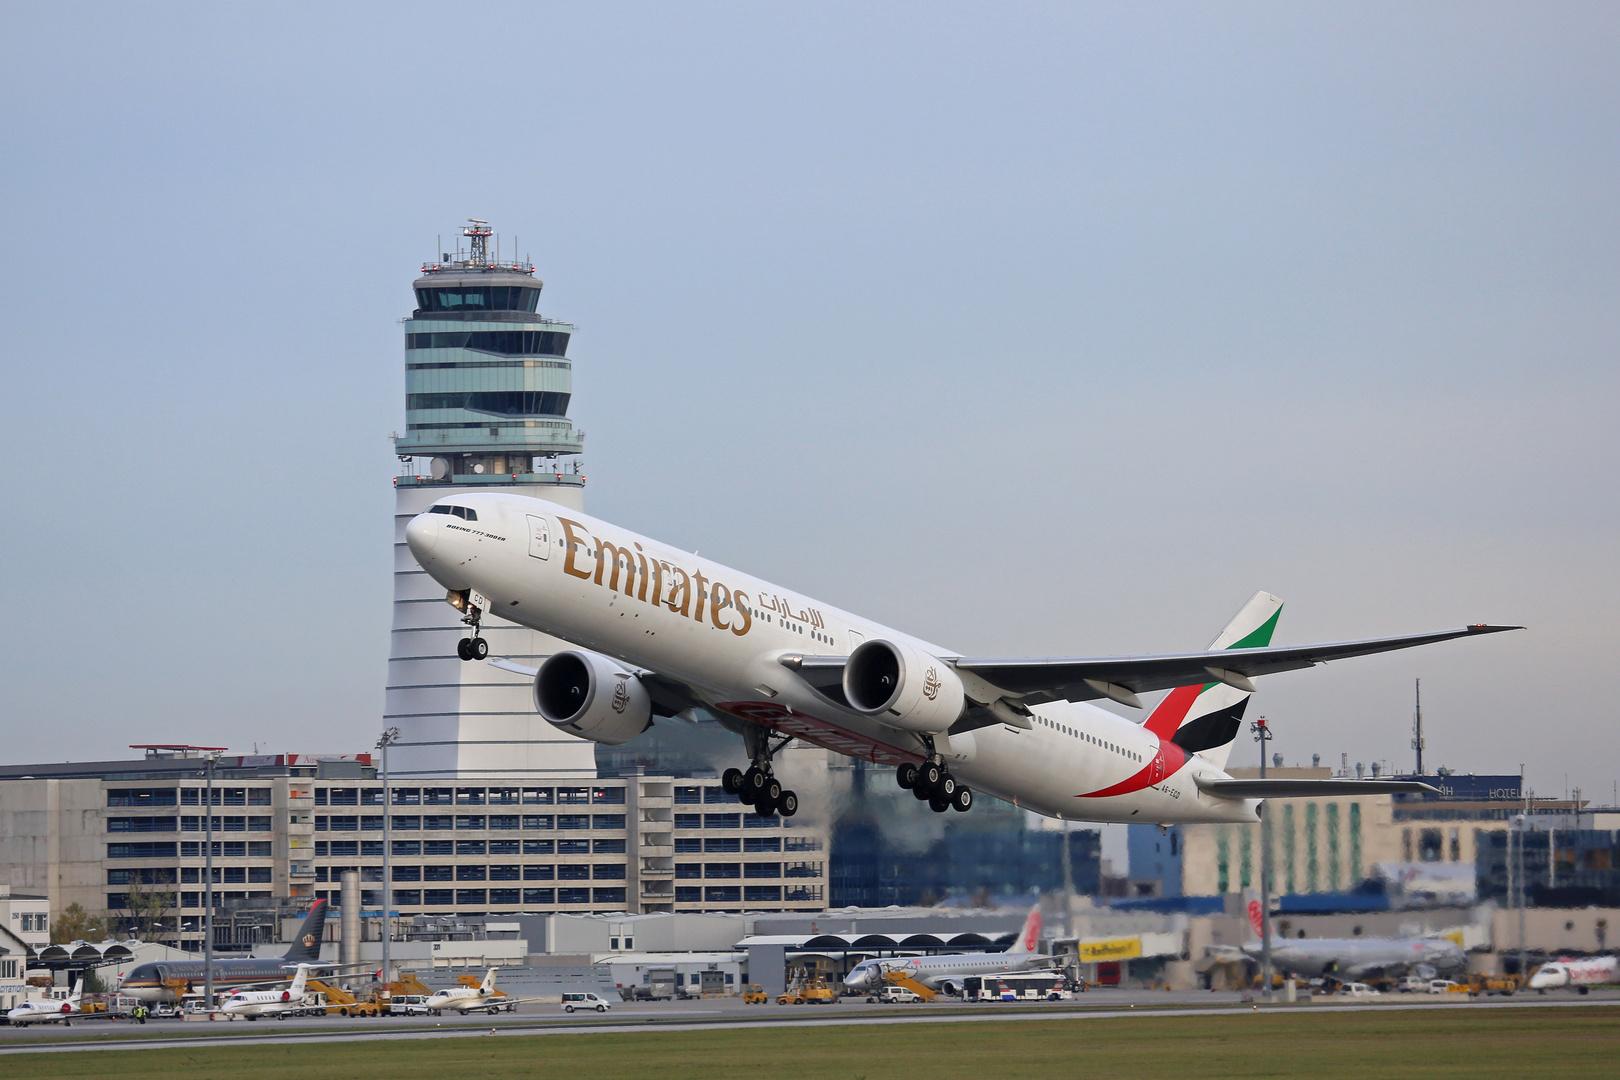 'Emirates - Boeing 777'